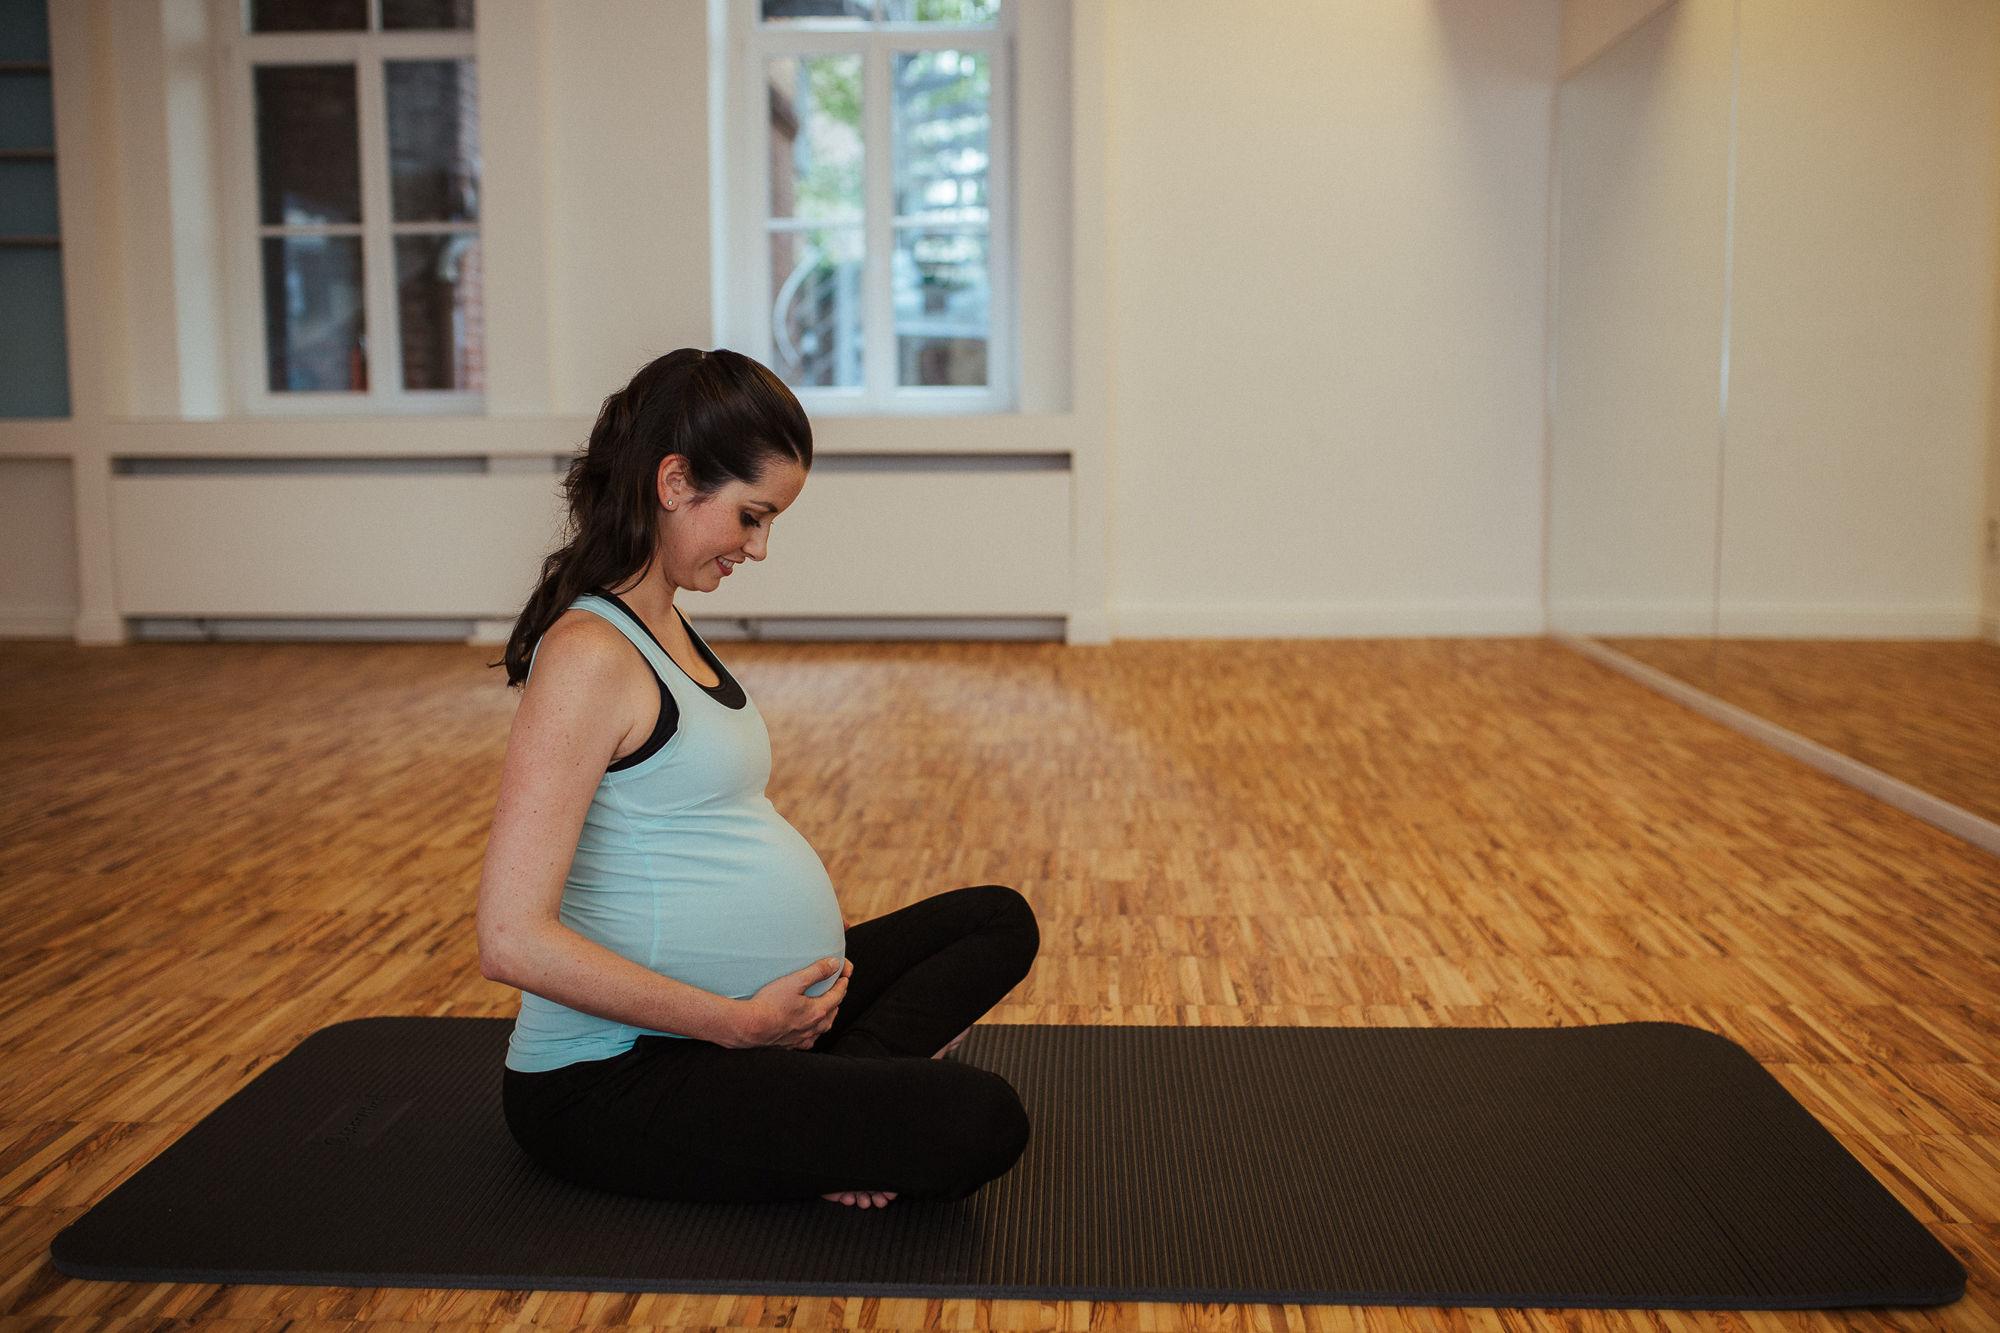 Schwangere Frau sitzt auf einer Pilates Matte und hält die Hände auf ihrem schwangeren Bauch.